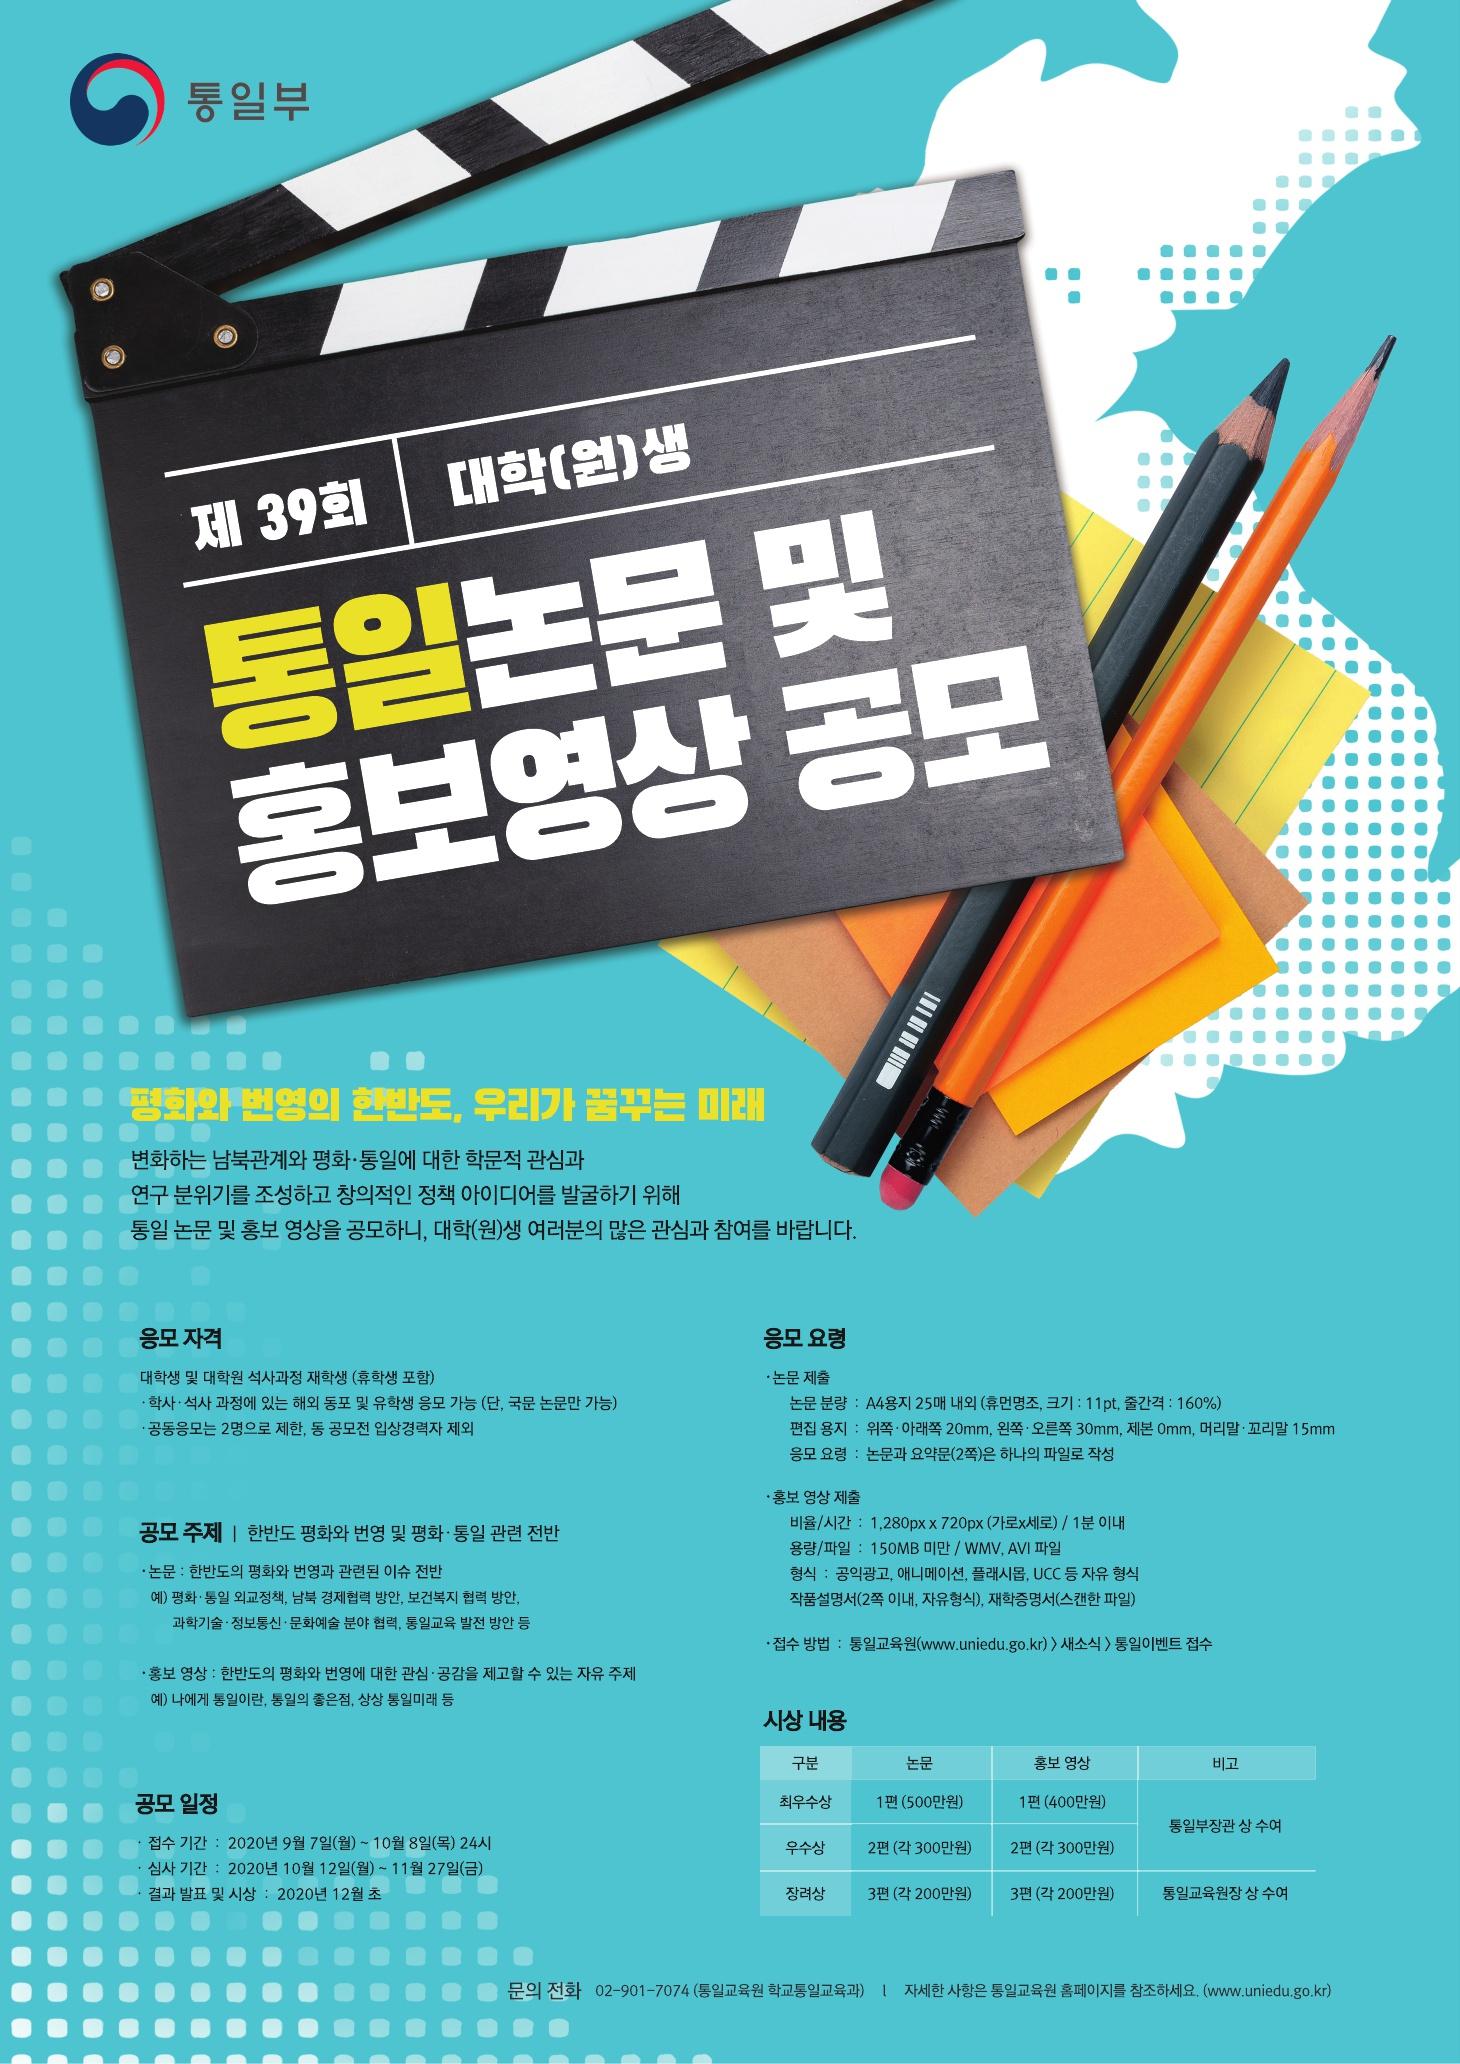 제39회 대학(원)생 통일논문 및 홍보영상 공모 포스터